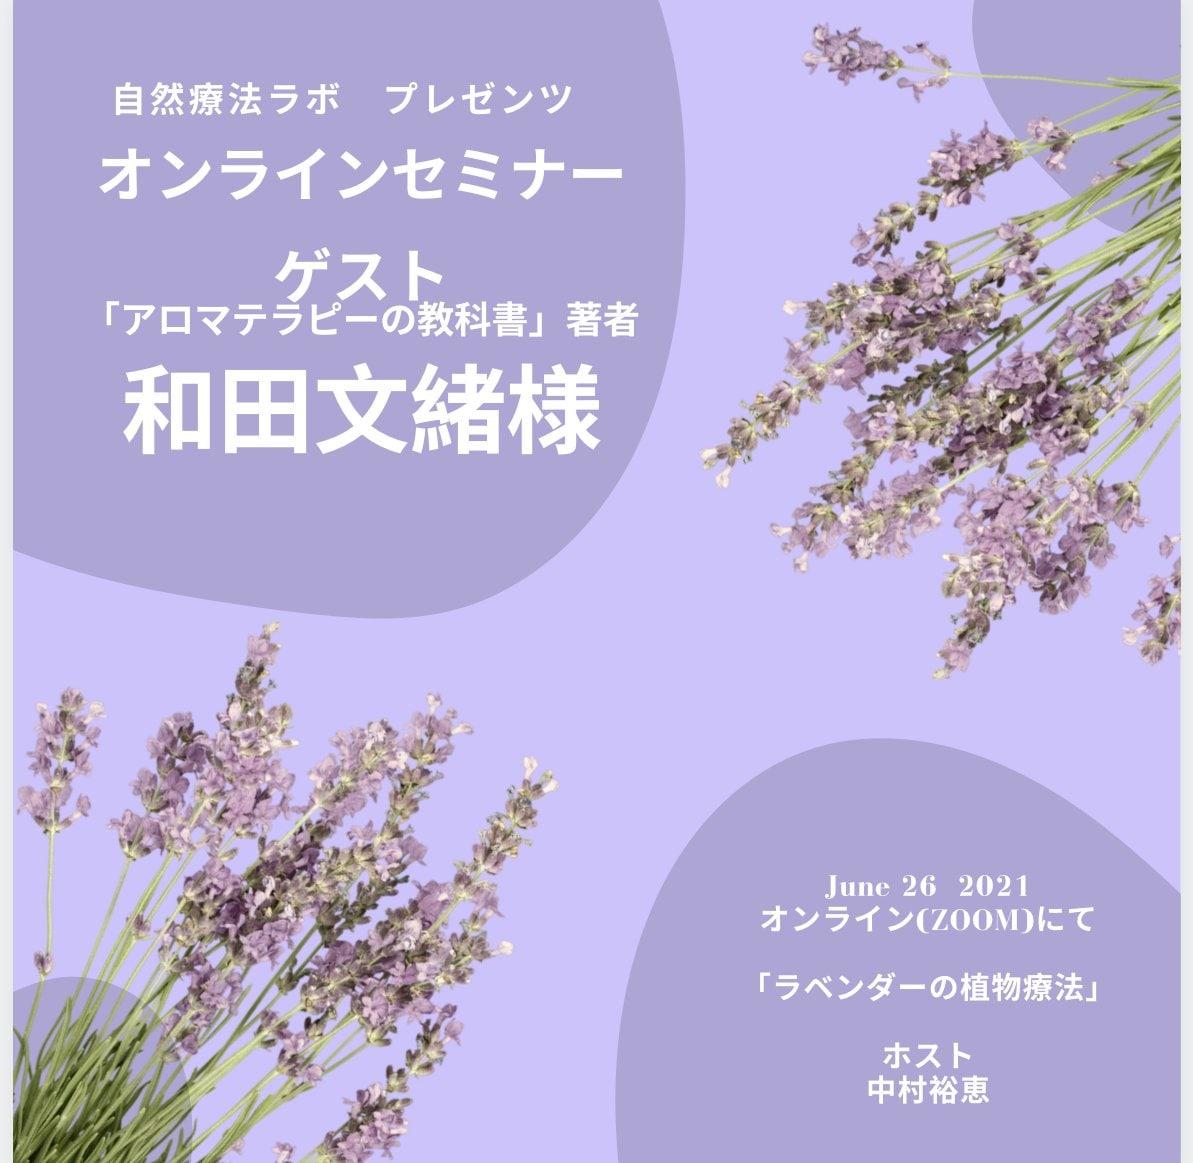 シーズナル・オンラインセミナー「ラベンダーの植物療法」のイメージその1